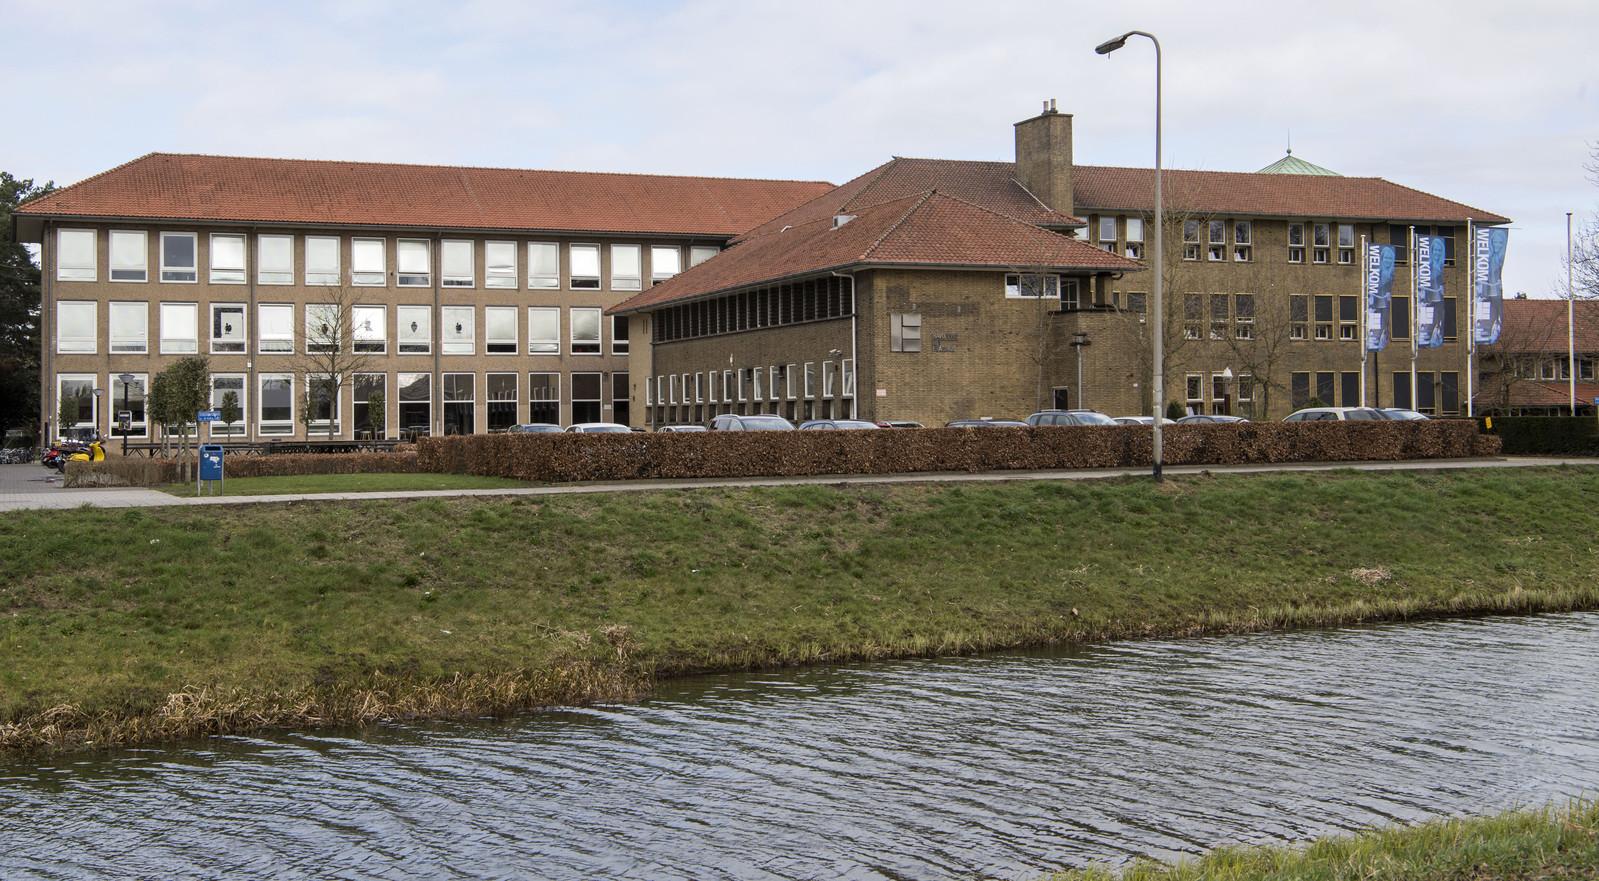 De havo/vwo vestiging van Het Erasmus.